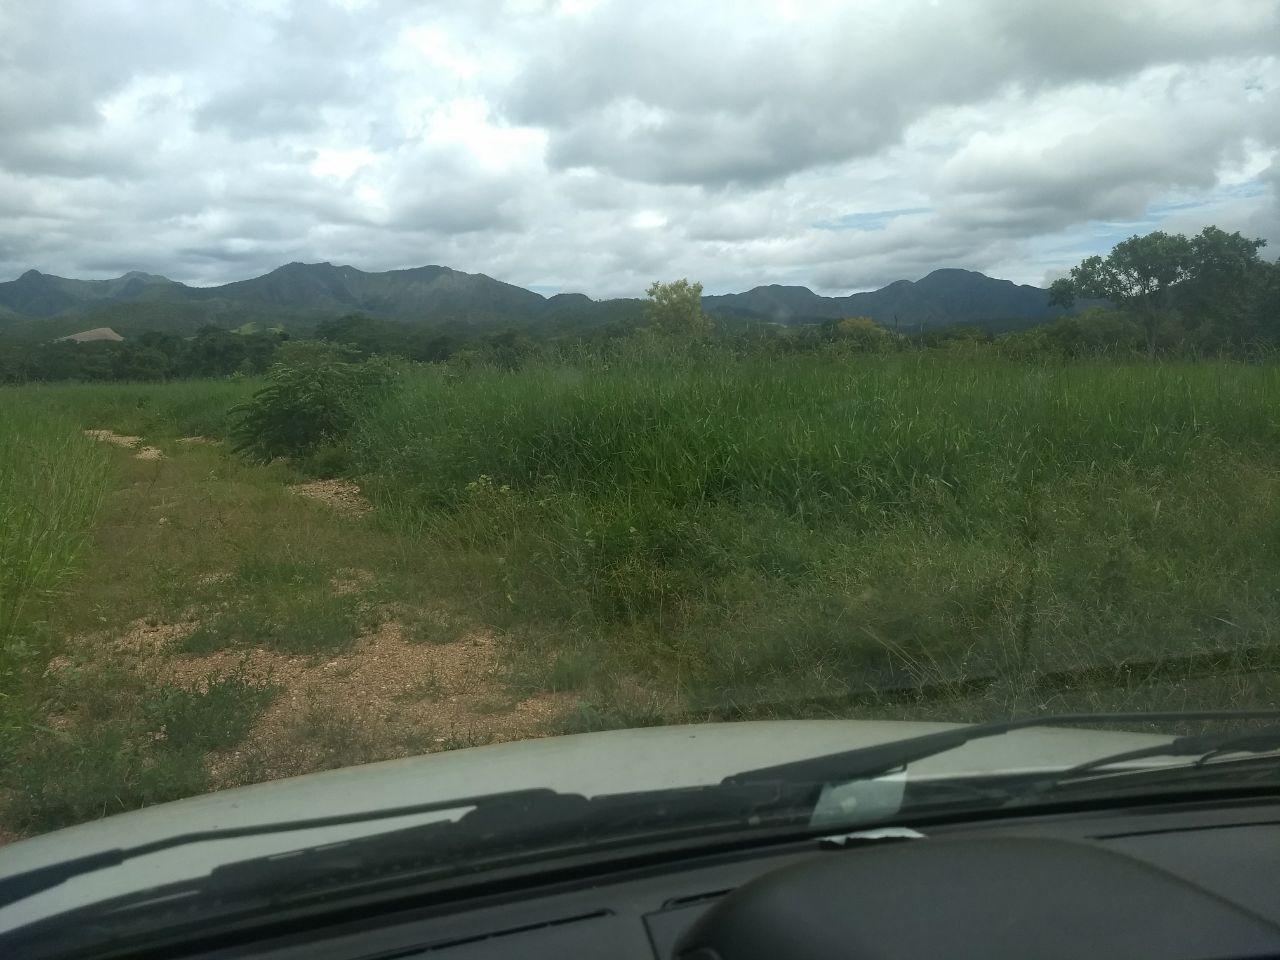 FOTO15 - Fazenda à venda Rua Logradouro Sem Nome,Zona Rural, Vila Propício - R$ 10.000.000 - FA0001 - 17